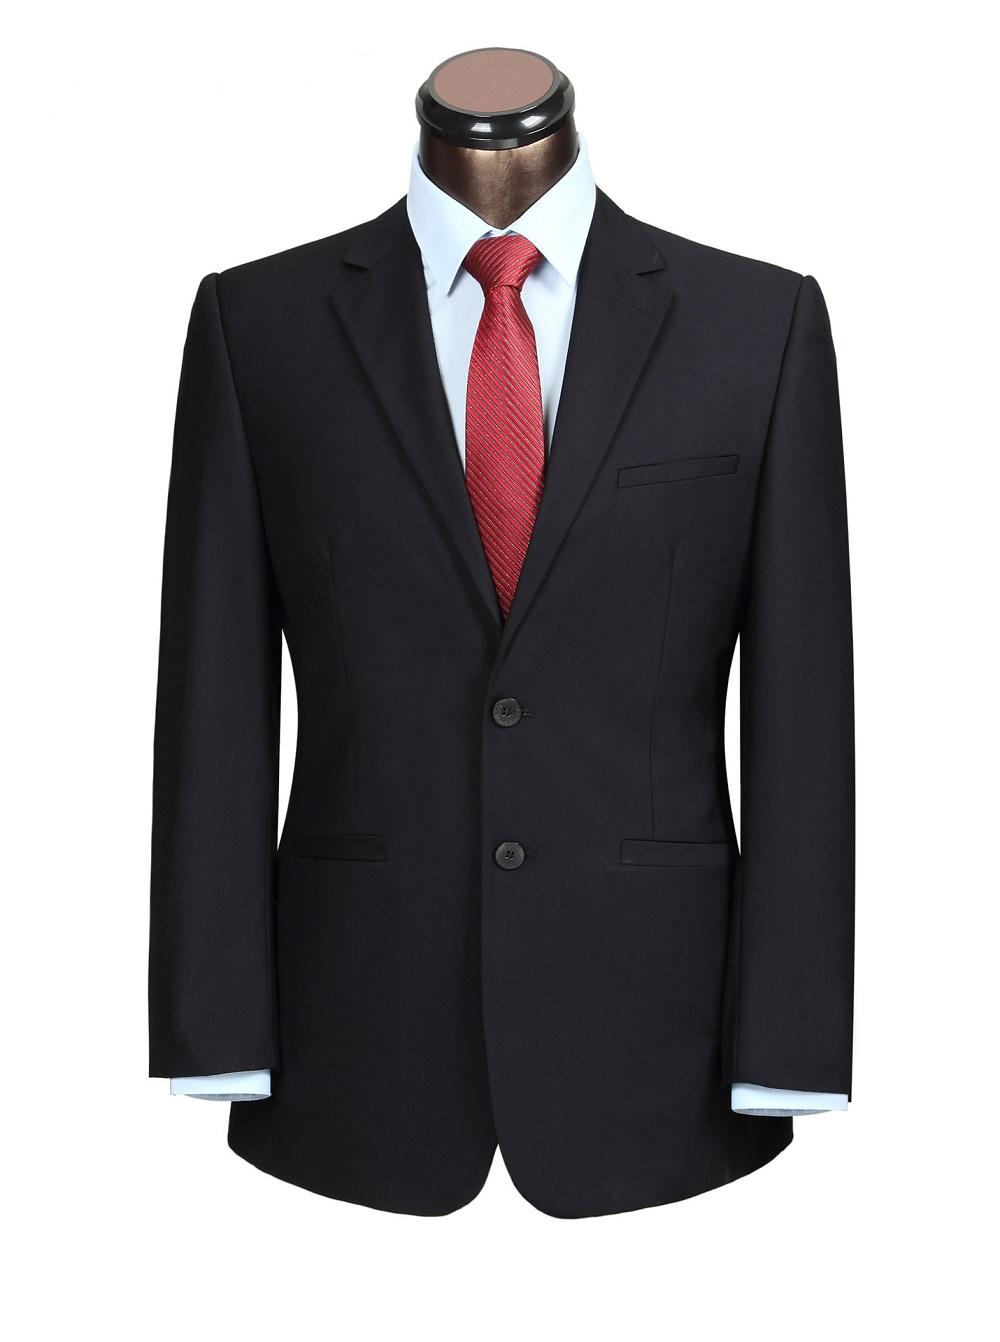 新疆冬季商務正裝需要多少錢 誠信互利 偉怡偉杰服飾供應